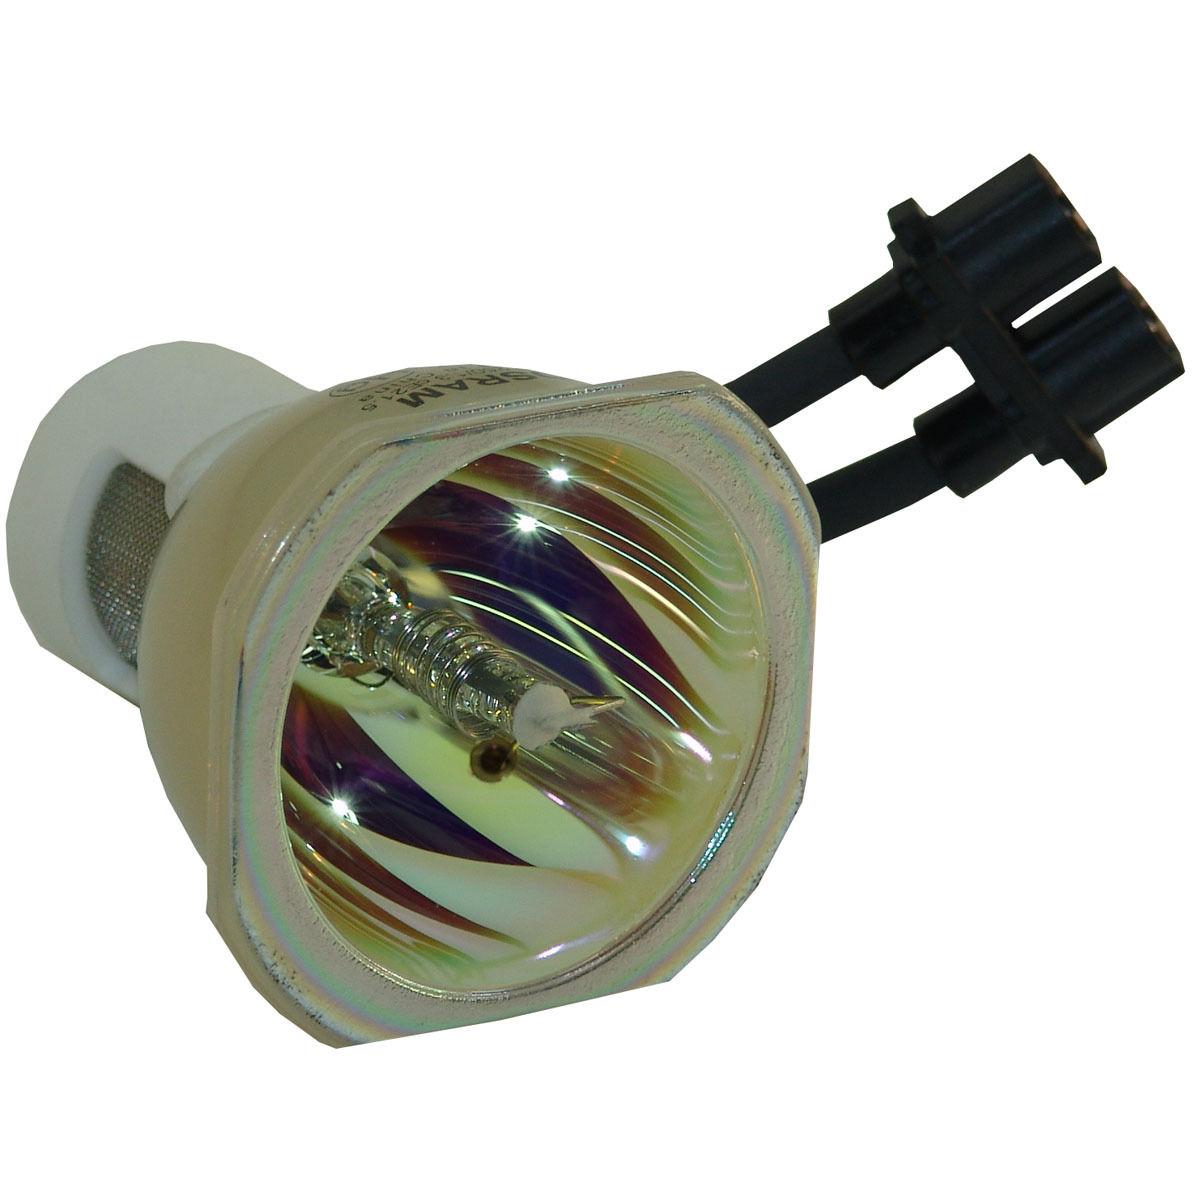 все цены на  Compatible VLT-HC900LP VLTHC900LP for Mitsubishi HC4000 HC900 HD4000U HC900U HD4000 XD480LP Projector Bulb lamp without housing  онлайн